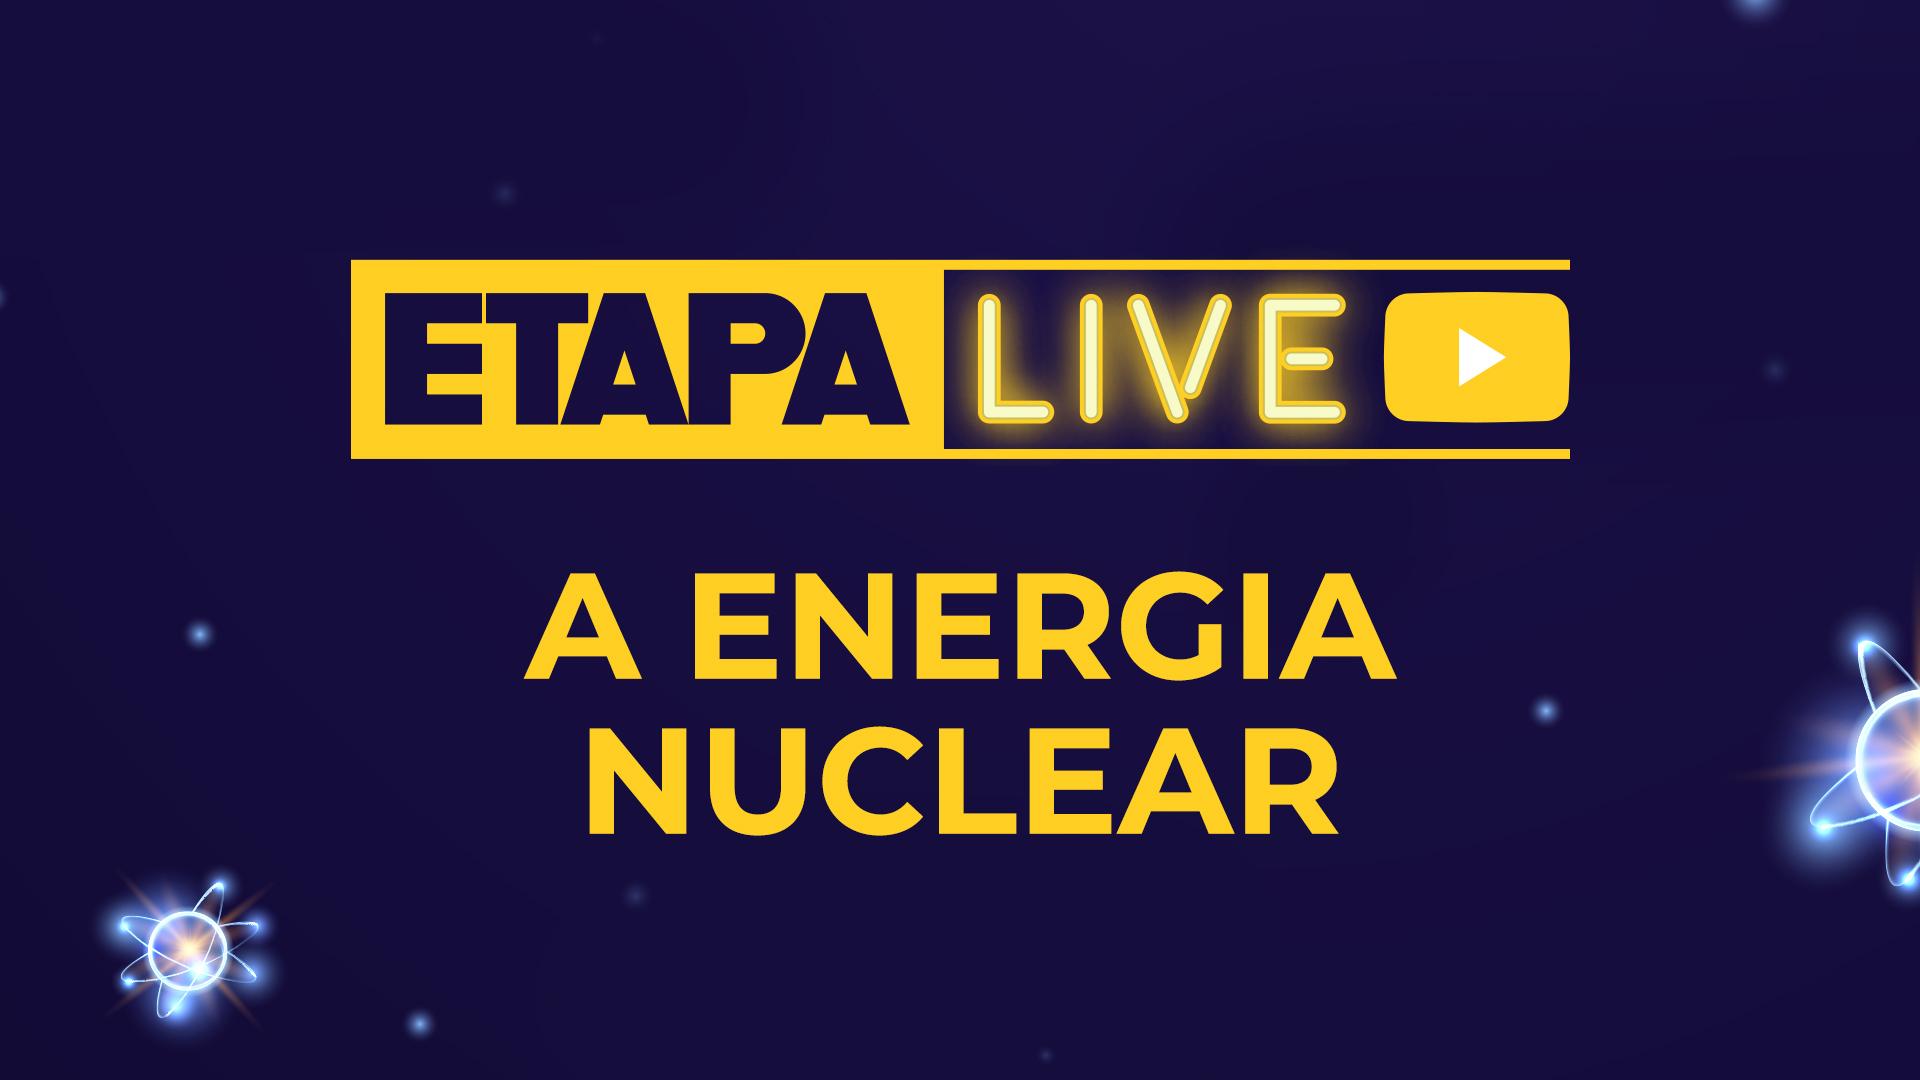 Confira os principais tópicos abordados na live sobre energia nuclear e suas aplicações.